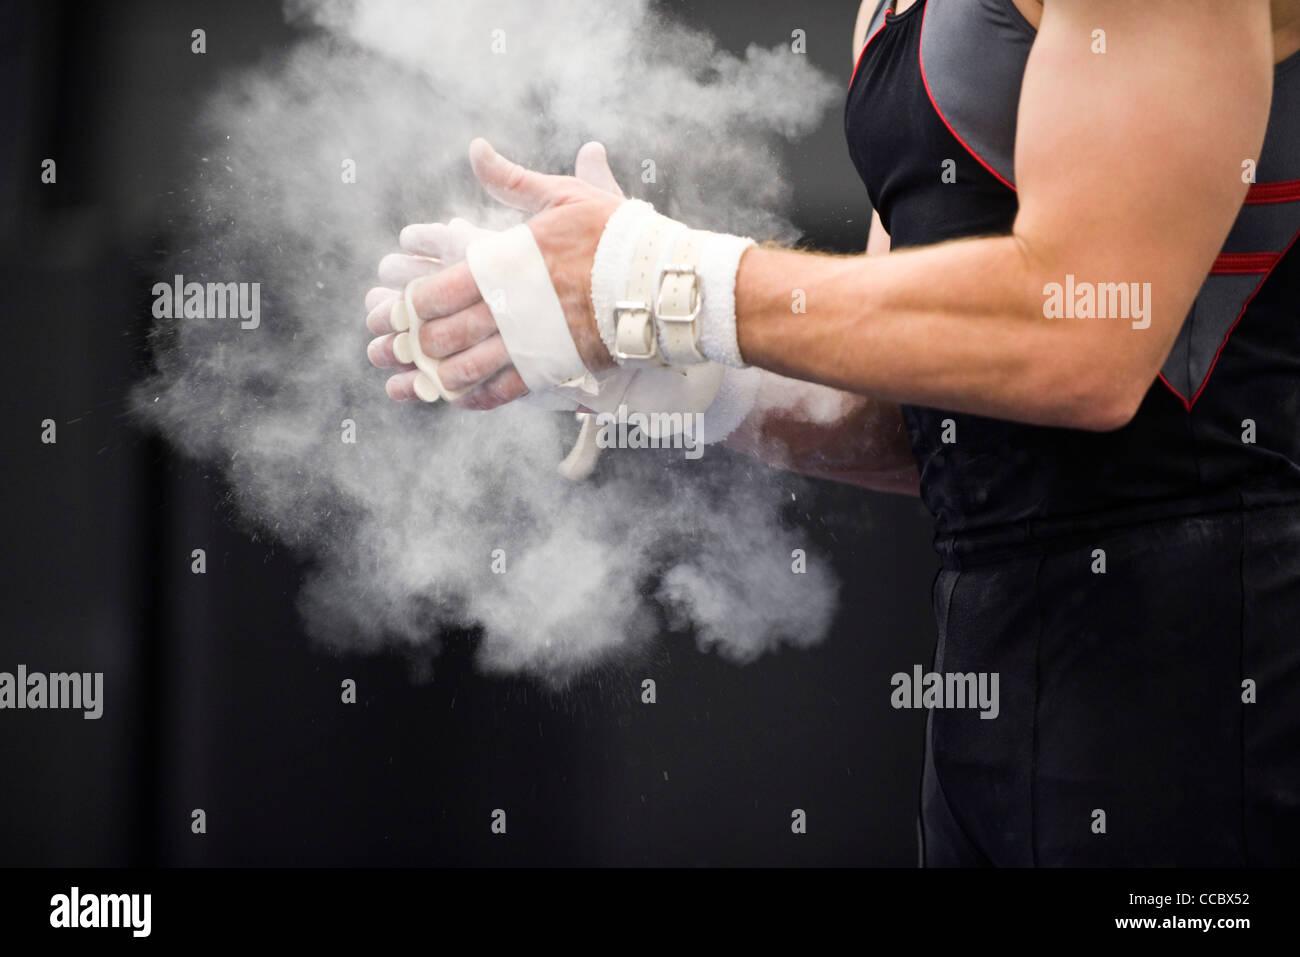 L'application de puissance gymnaste craie mains en préparation Photo Stock